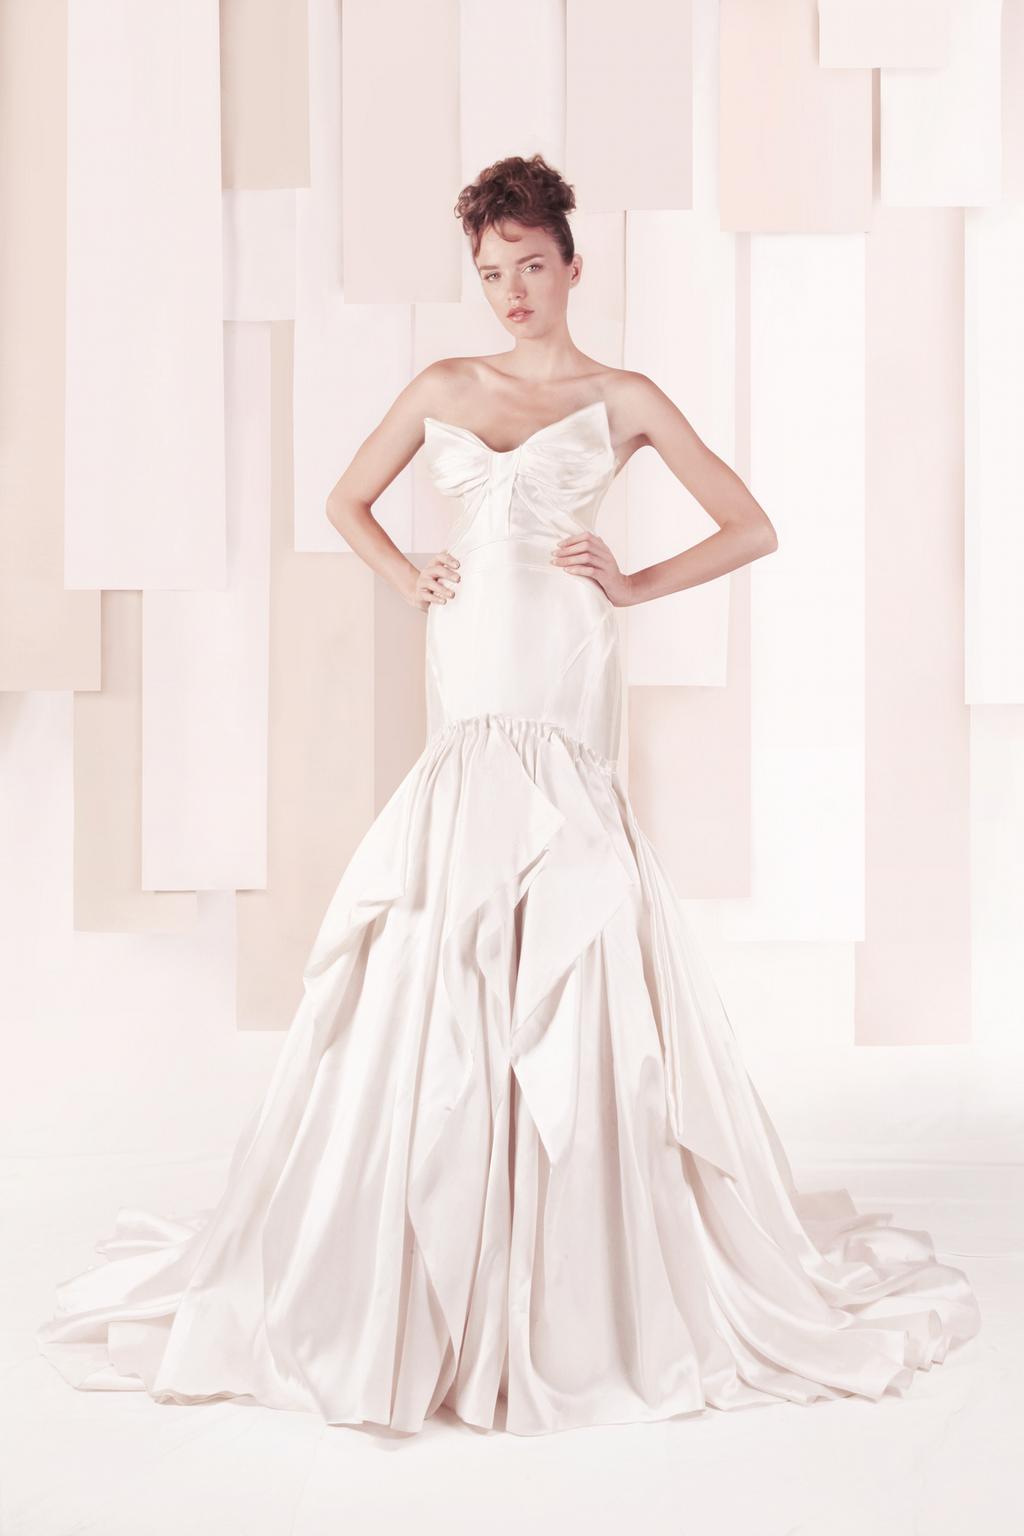 Wedding-dress-by-gemy-maalouf-2013-bridal-style-3314.full